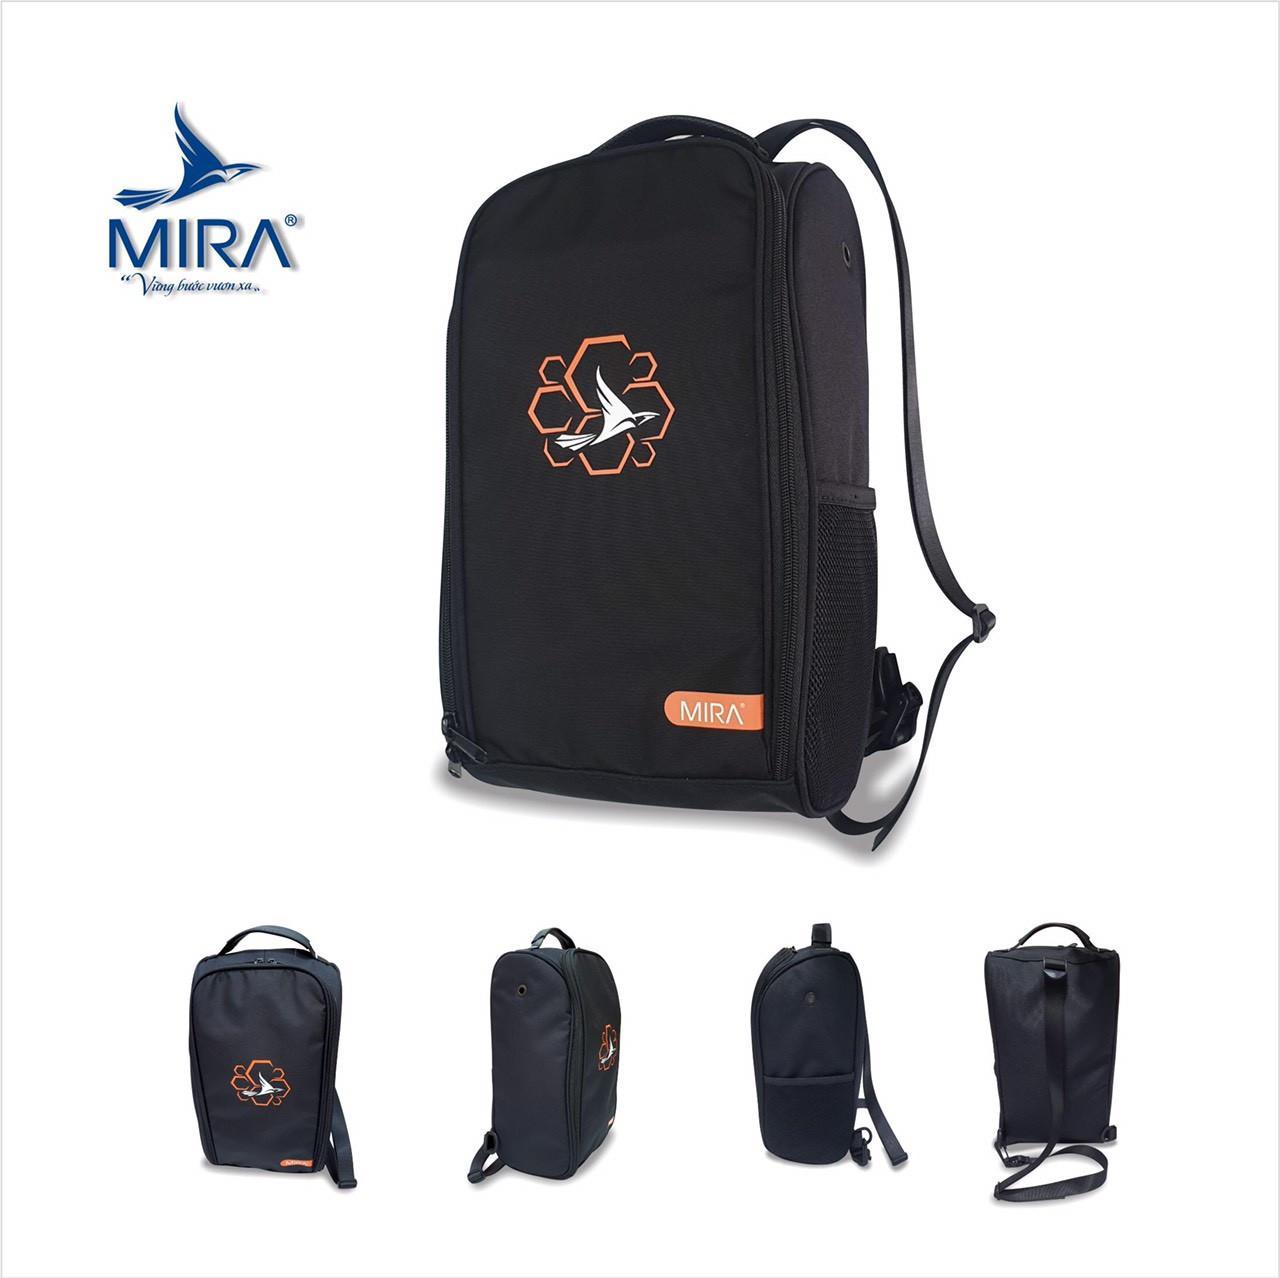 Túi đeo chéo thể thao Mira cao cấp màu đen